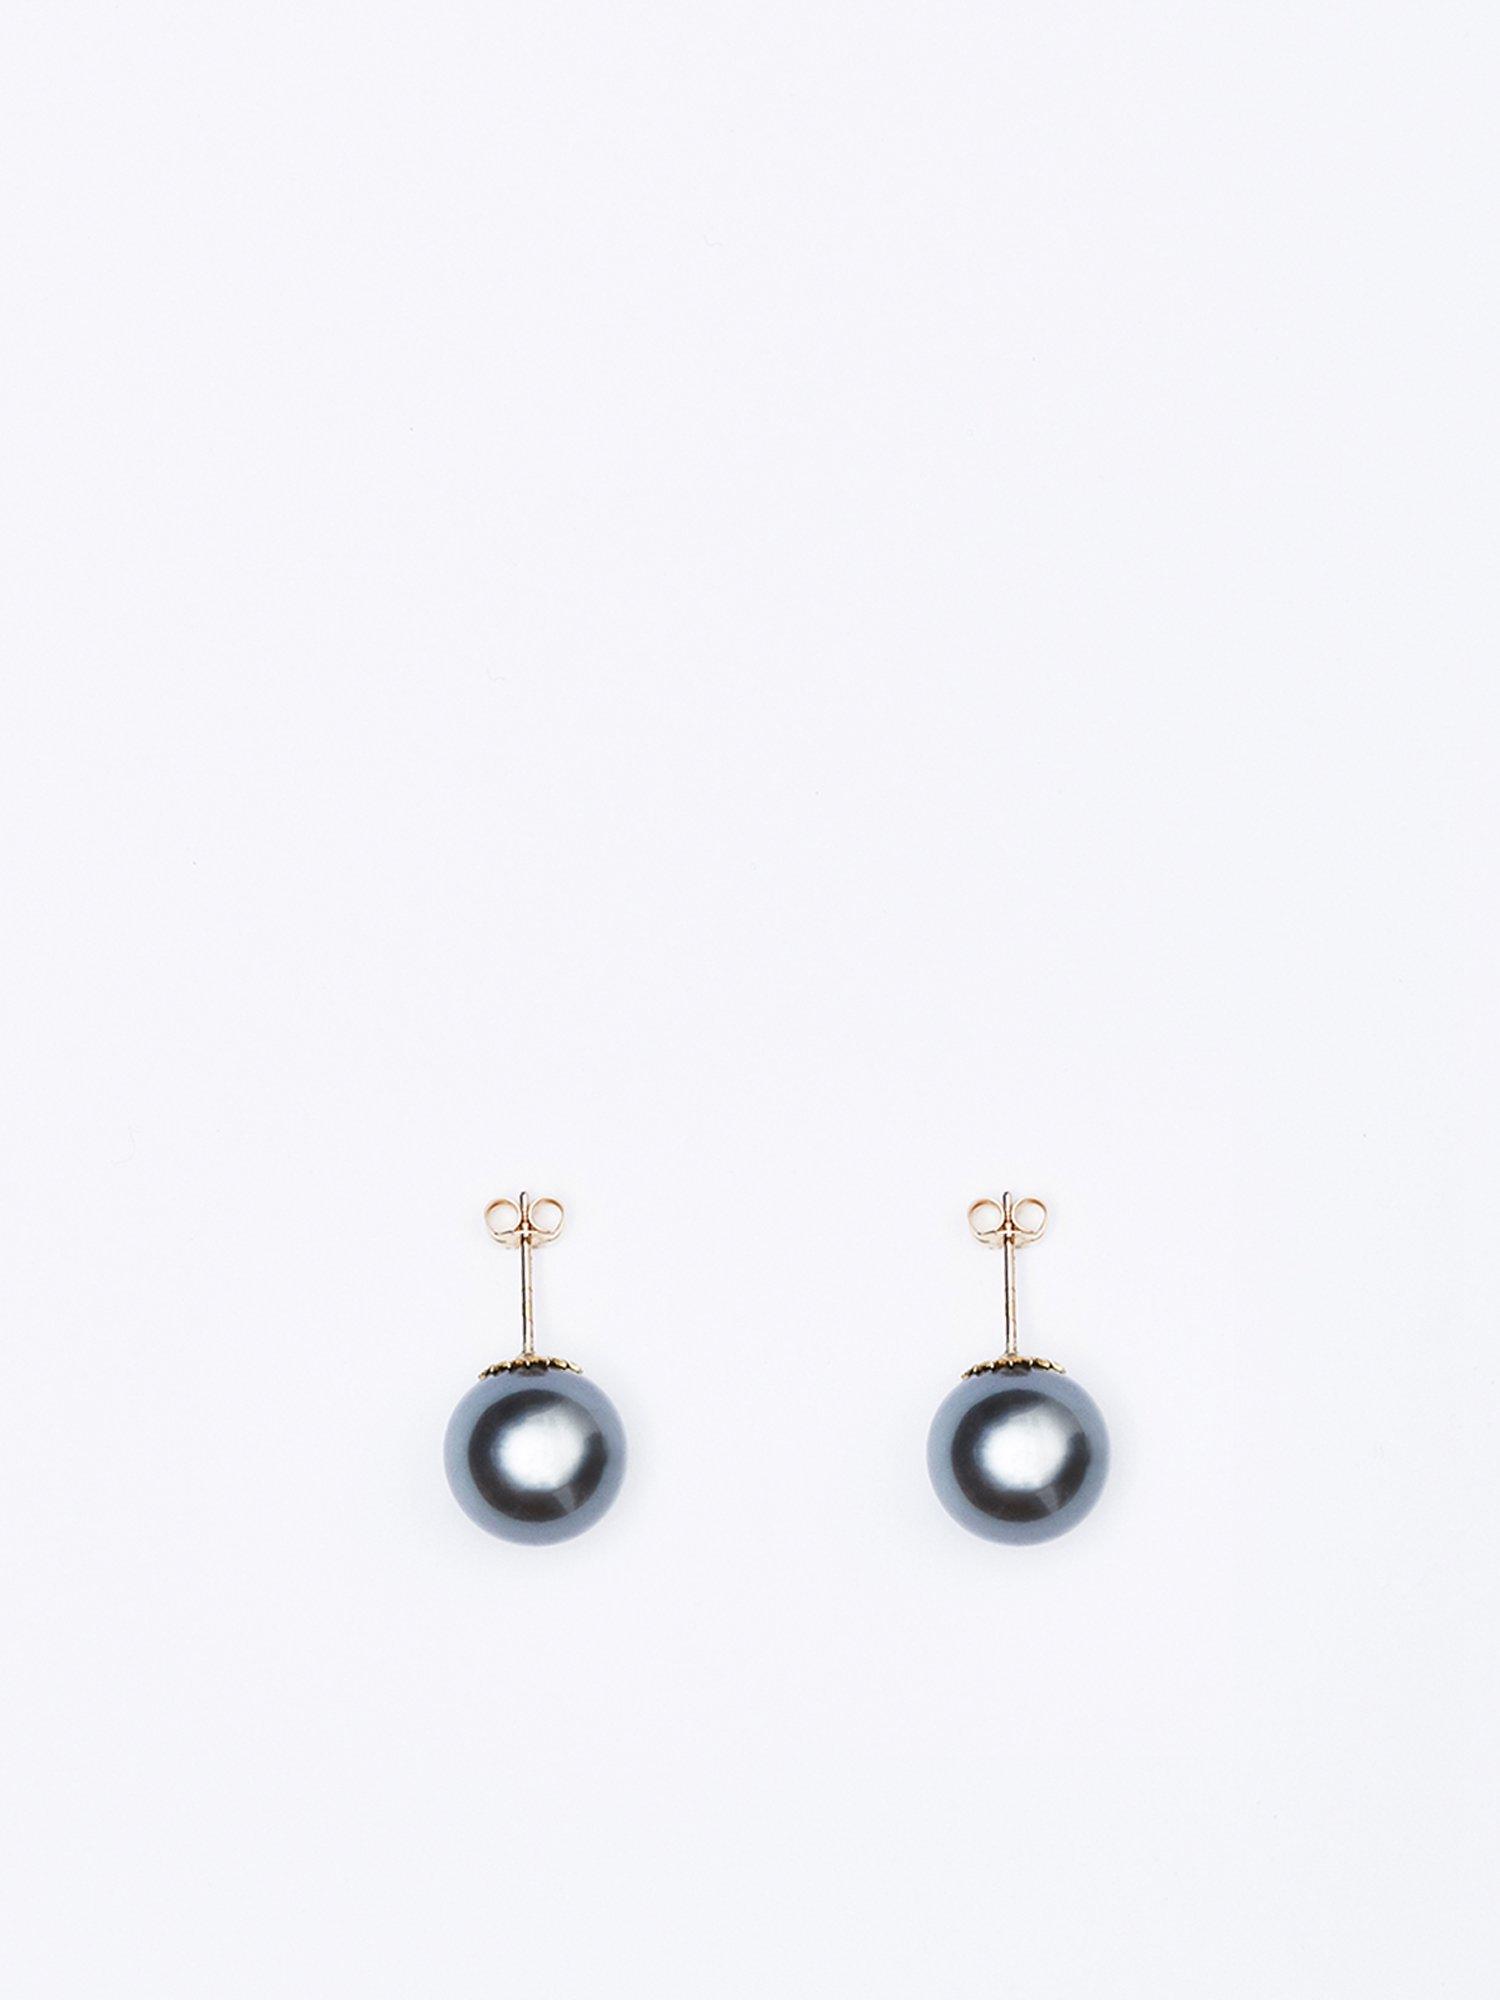 SOPHISTICATED VINTAGE / South sea pearl earrings